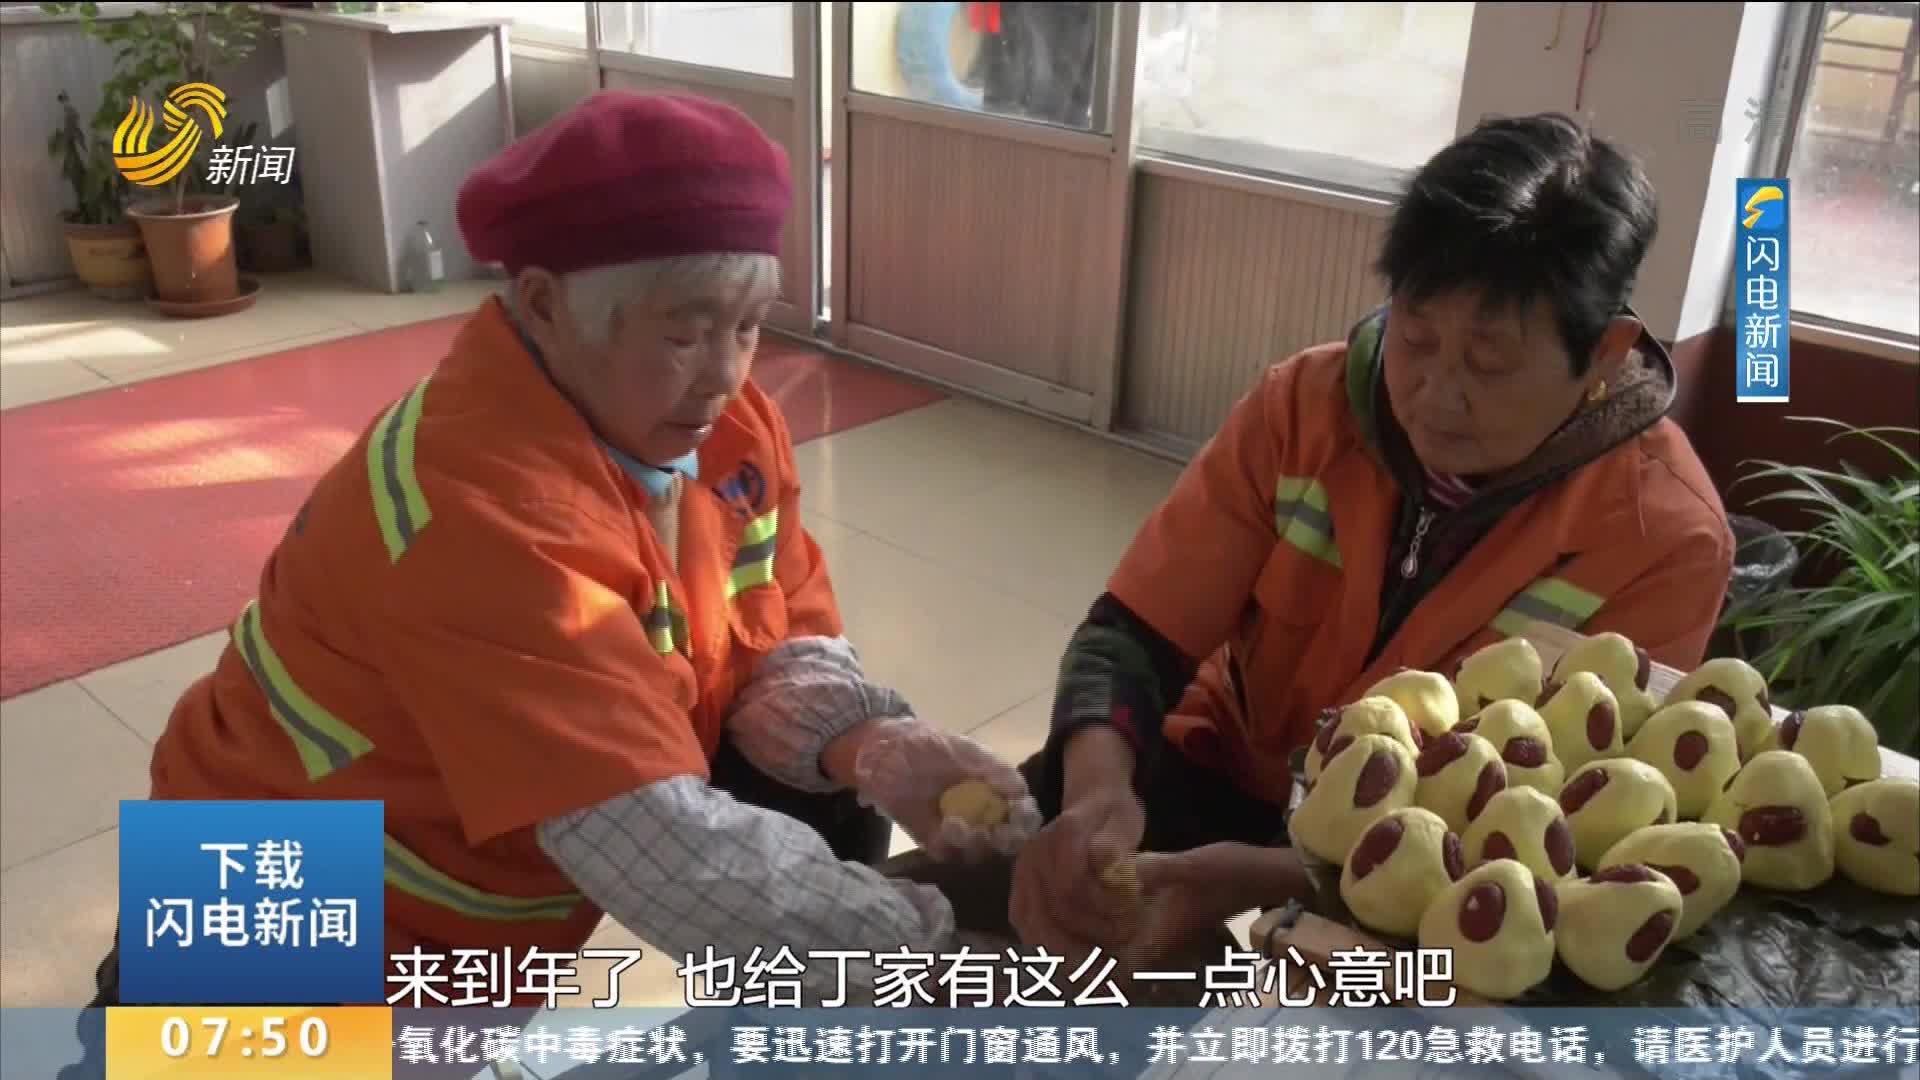 青州环卫工人为多年来提供免费早餐的店家送年糕